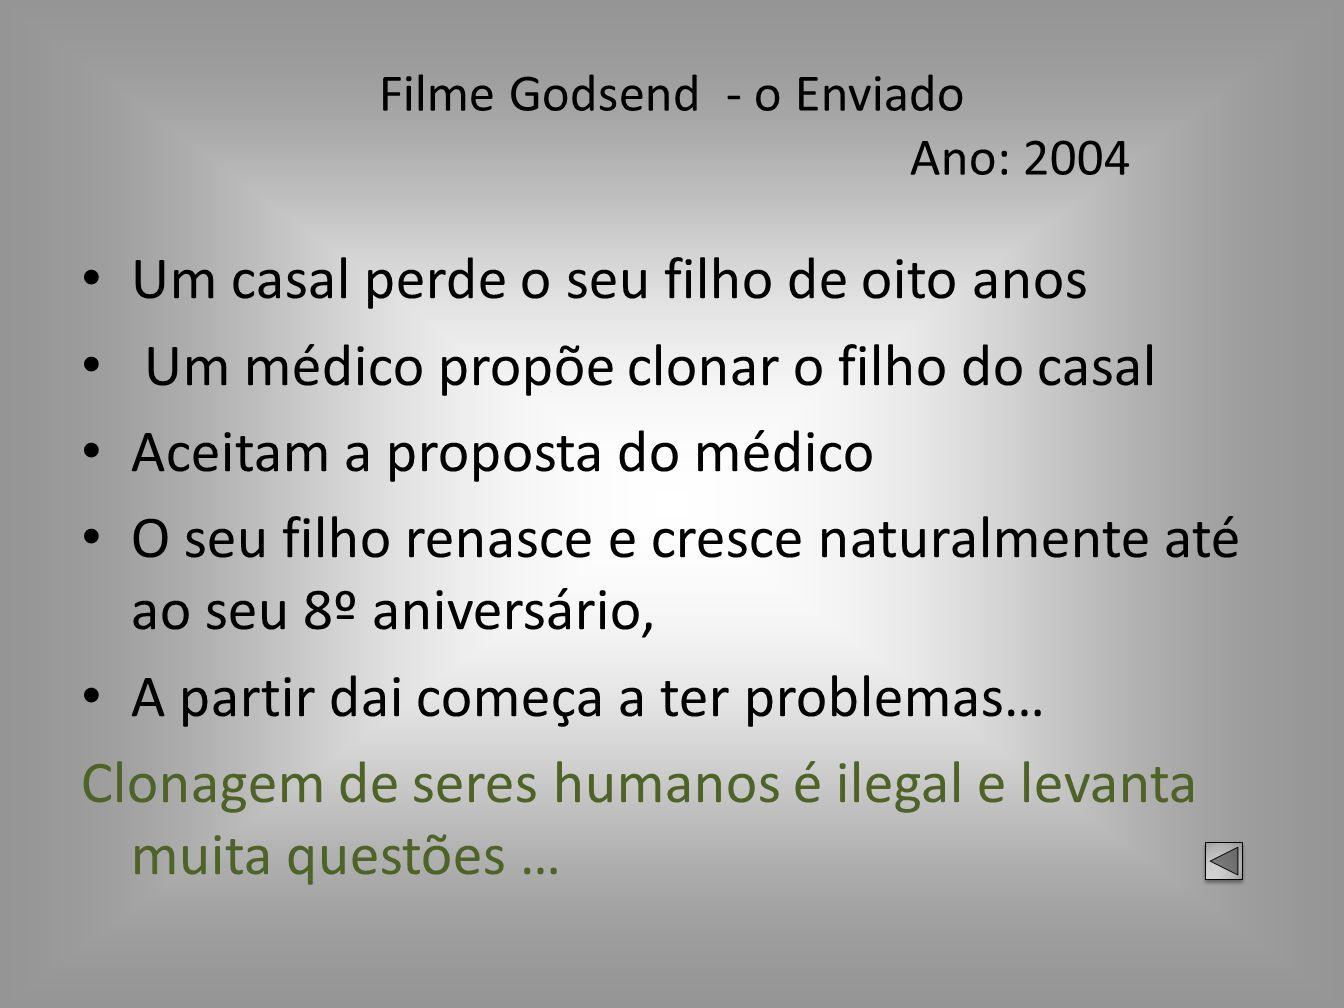 Filme Godsend - o Enviado Ano: 2004 Um casal perde o seu filho de oito anos Um médico propõe clonar o filho do casal Aceitam a proposta do médico O se